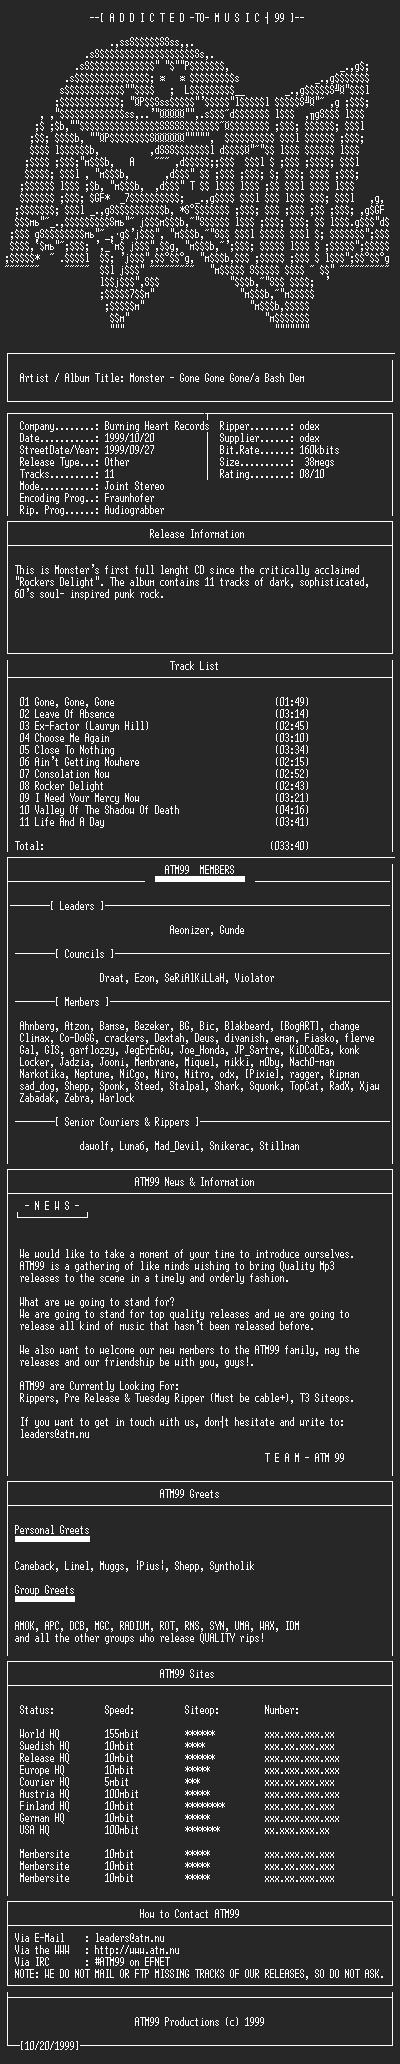 NFO file for Monster_-_Gone_Gone_Gone-A_Bash_Dem_-_(1999)-ATM99